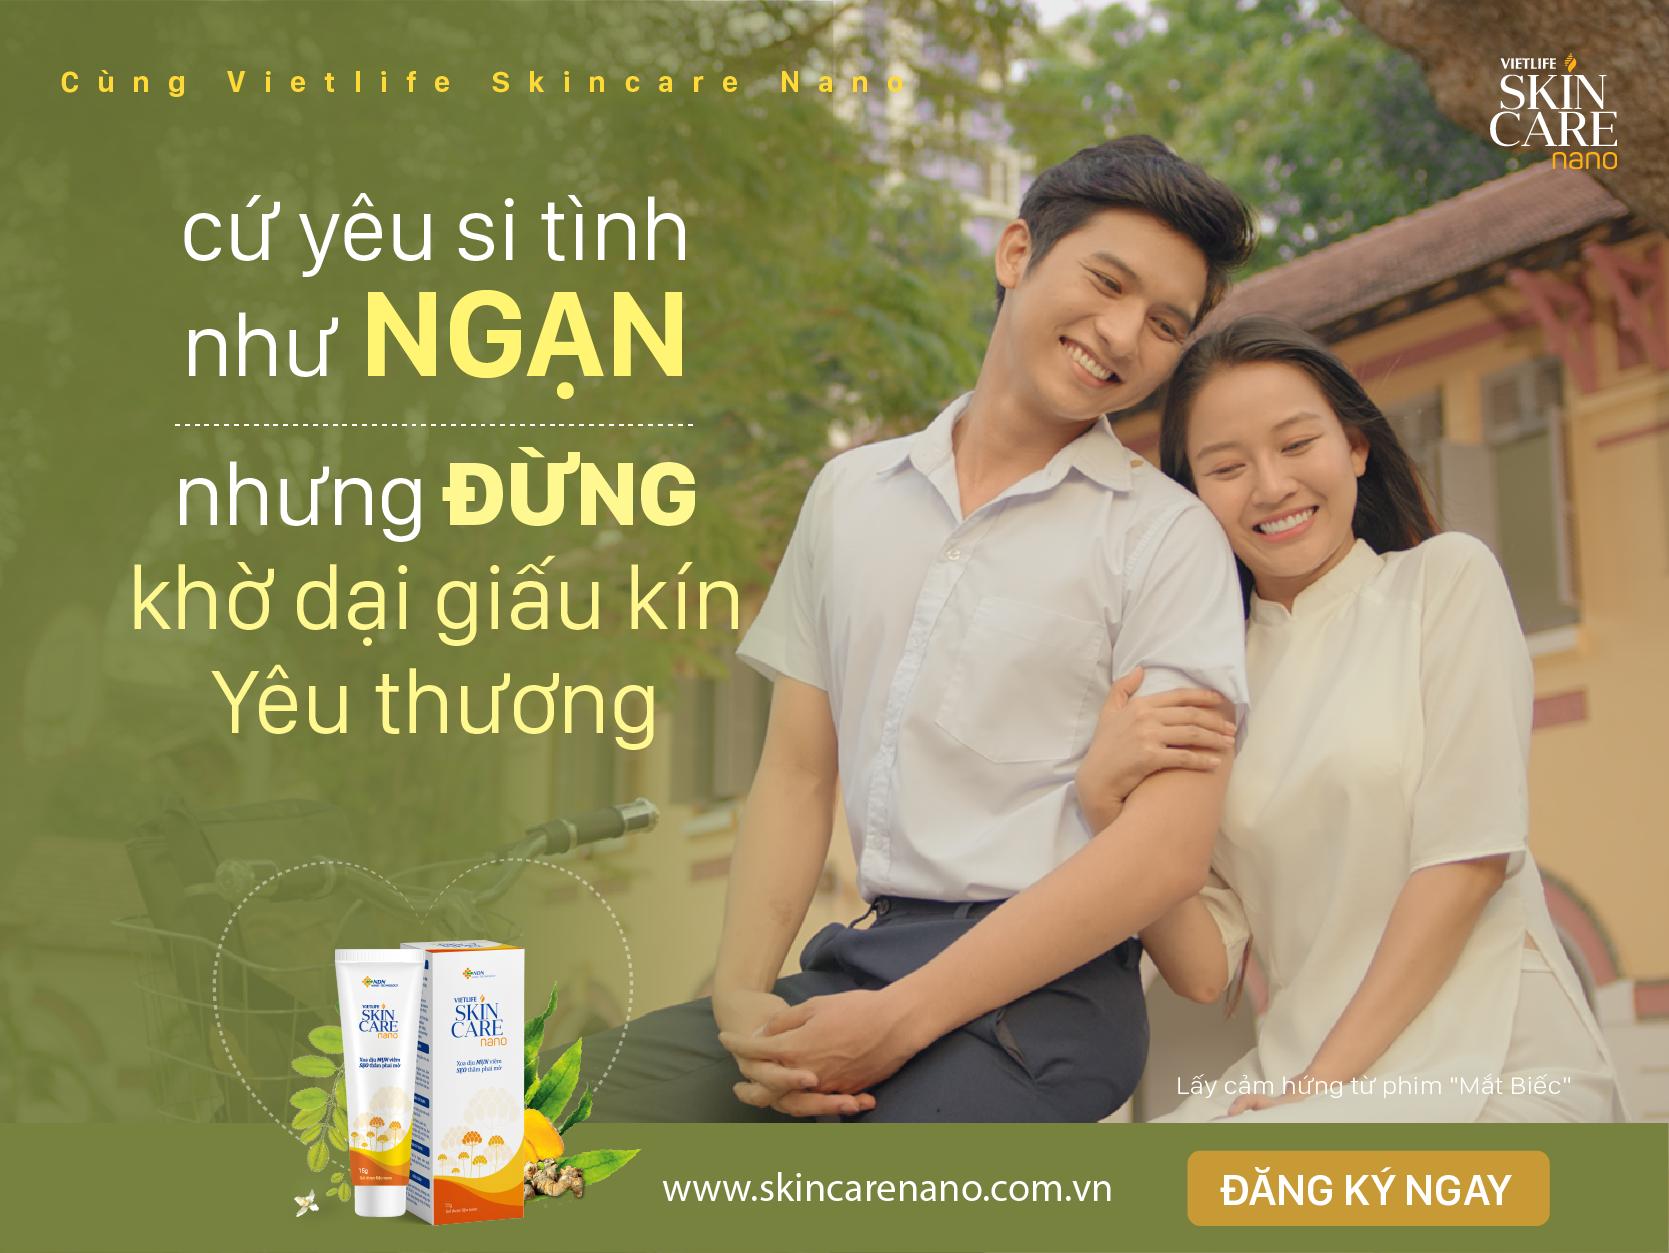 Vietlife Skincare Nano: Cứ yêu si tình như Ngạn đi, nhưng xin đừng khờ dại giấu kín yêu thương_Vietlife Skincare Nano 3